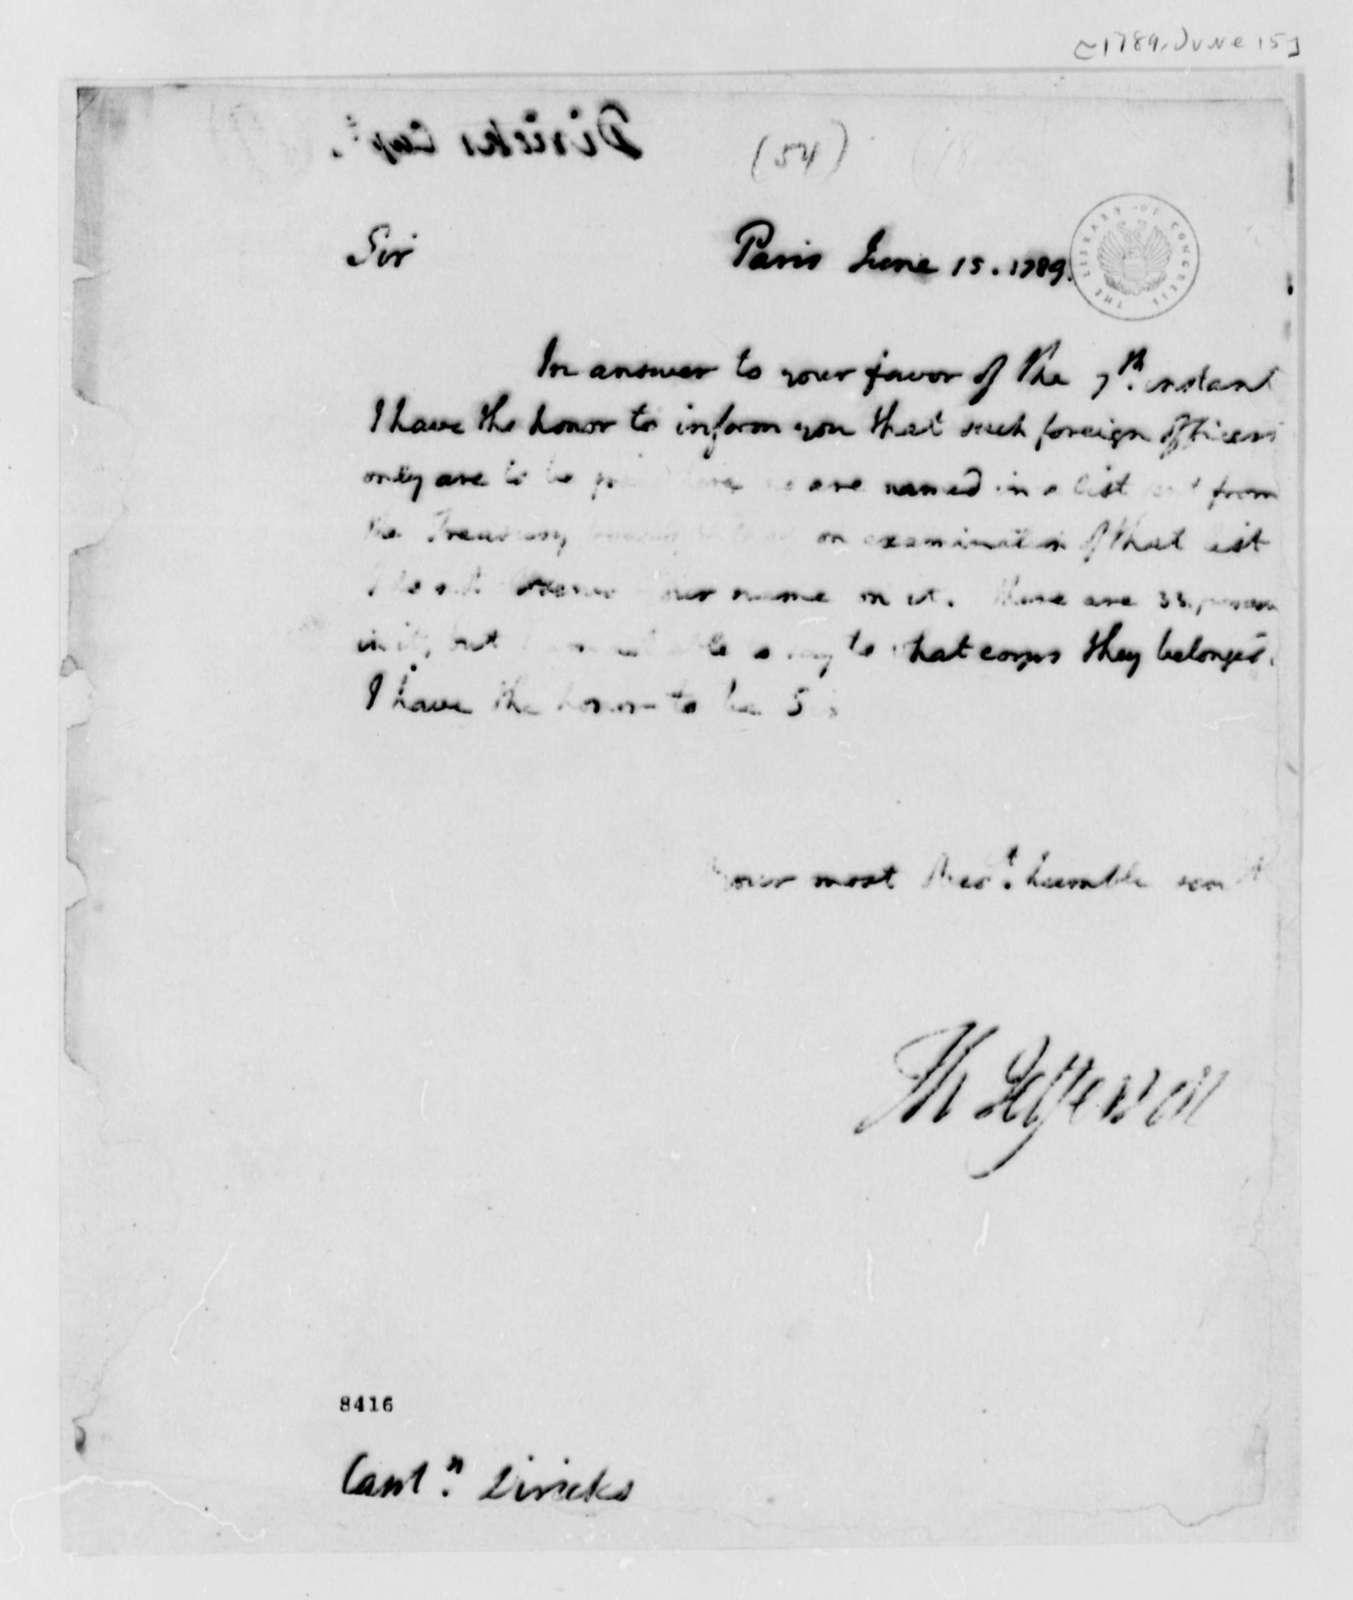 Thomas Jefferson to J. G. Diriks, June 15, 1789